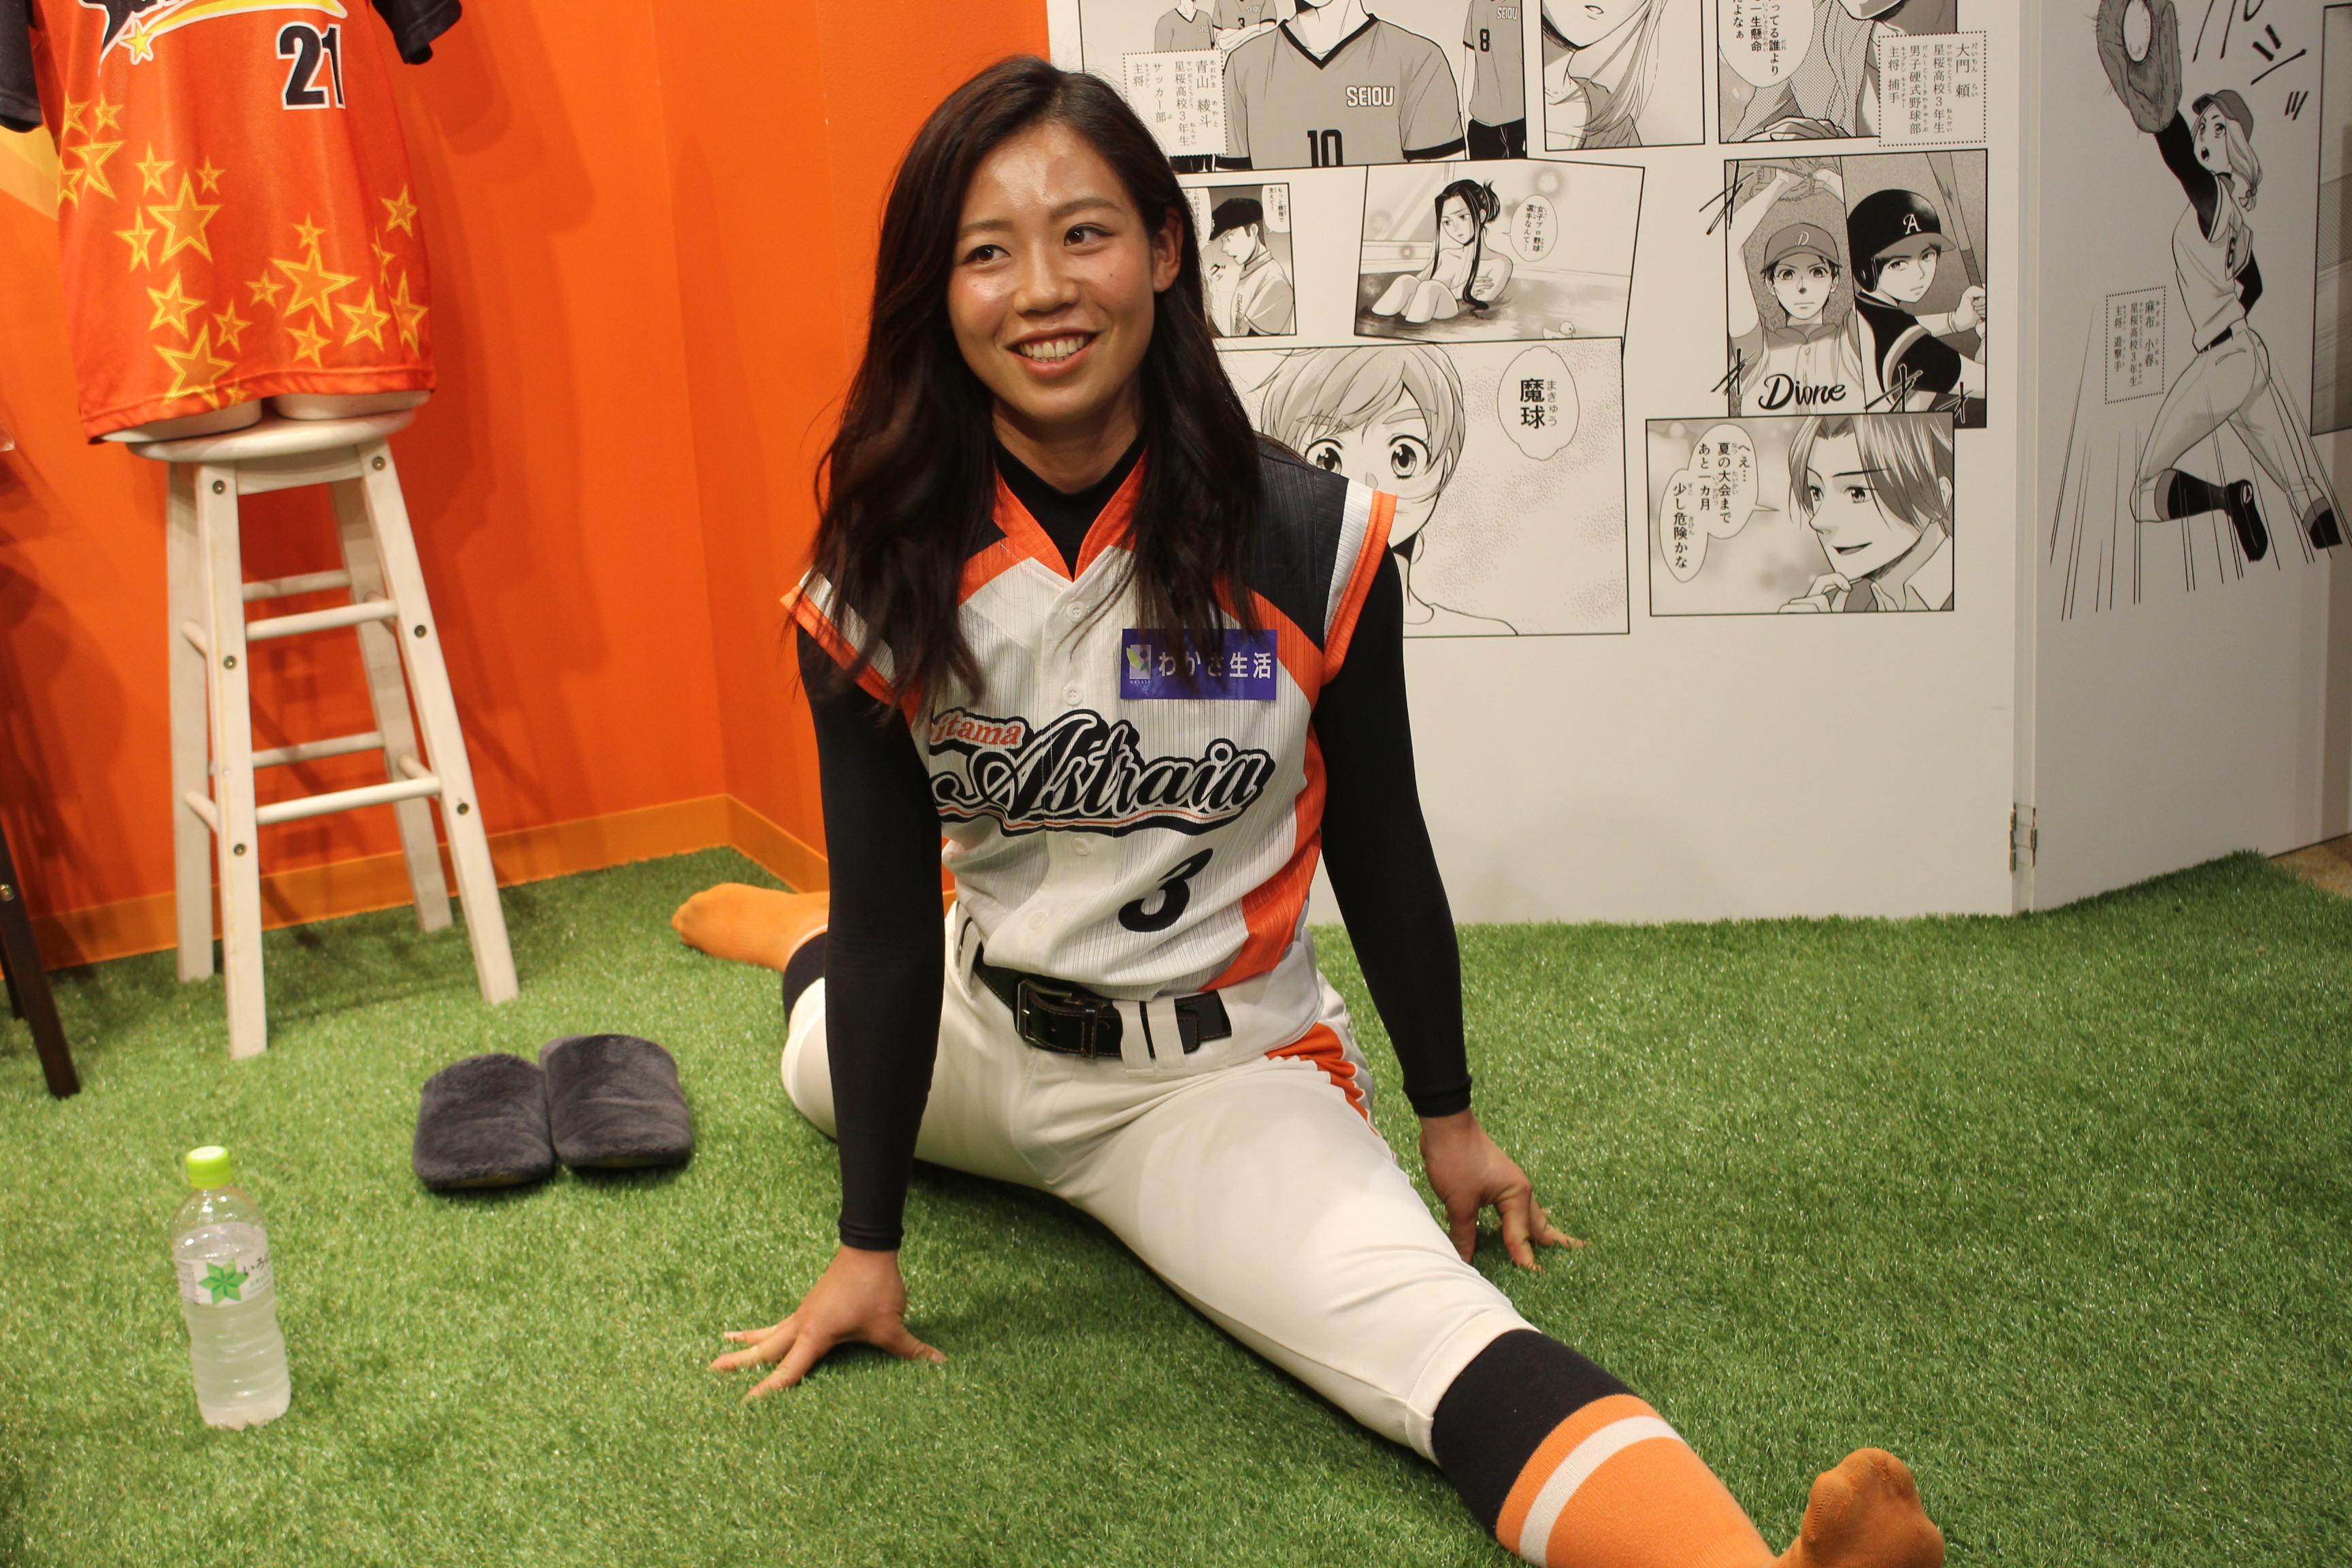 自慢の開脚を披露する埼玉アストライア・奥村奈未選手 の画像